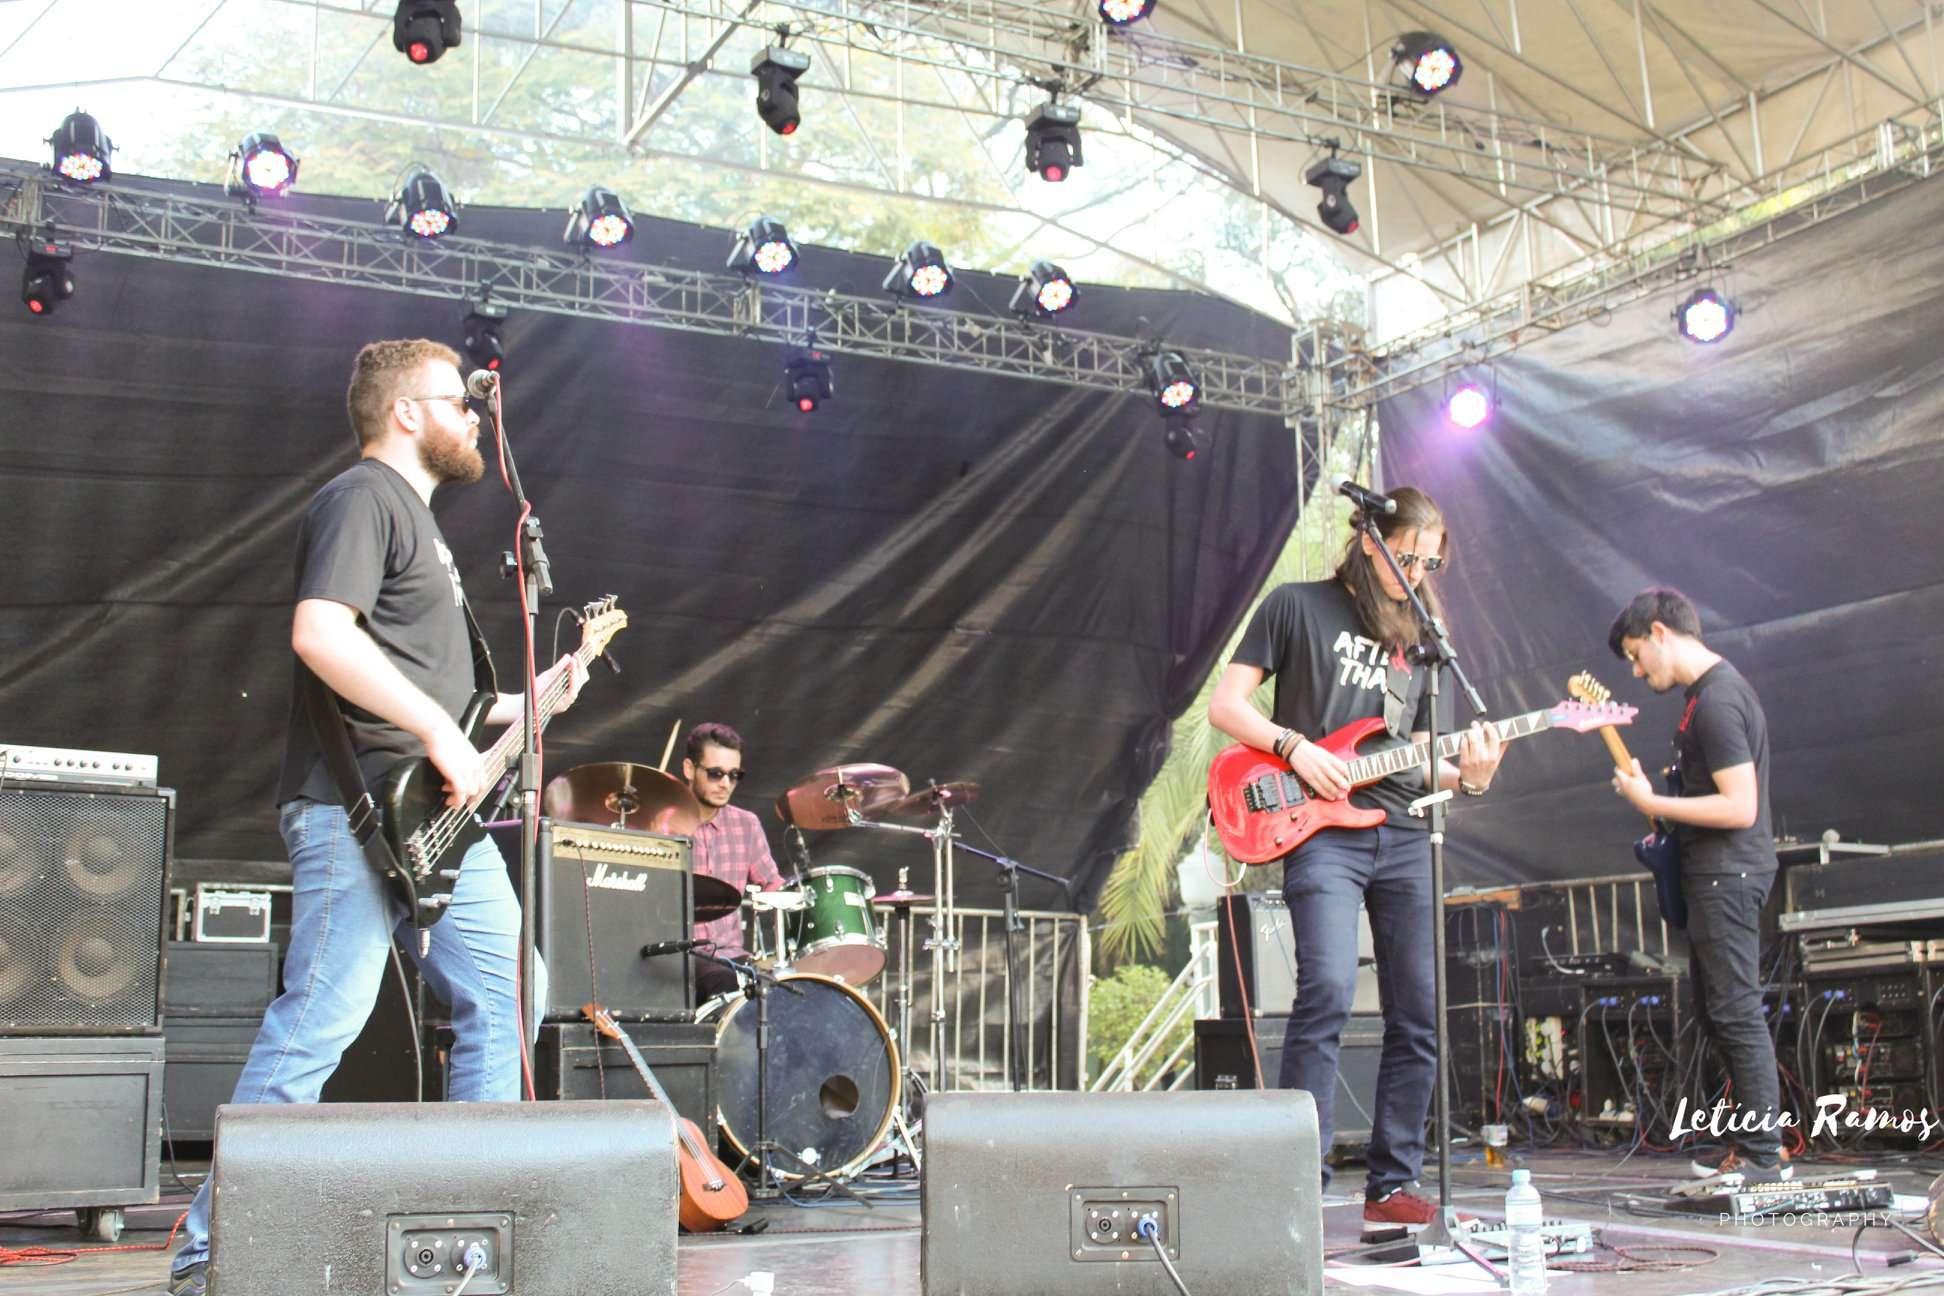 Banda de rock After That arrasta multidão por onde passa